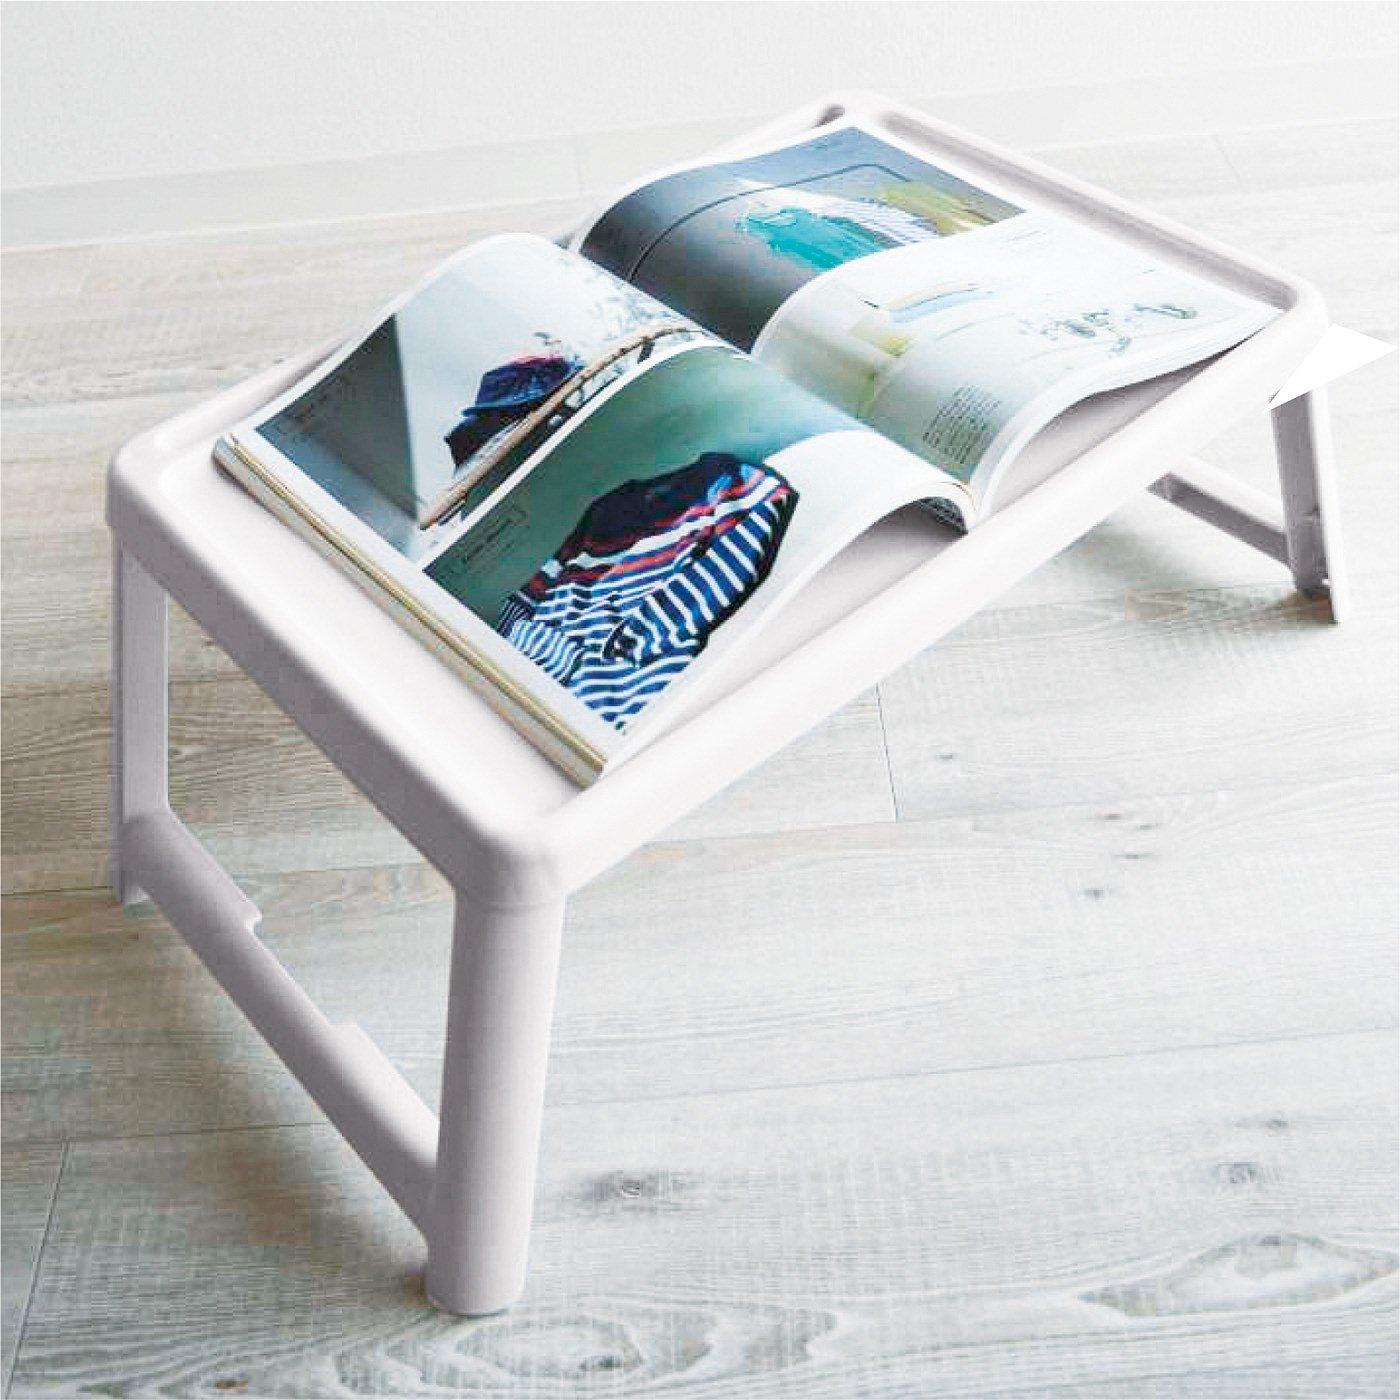 タブレットを立てて使える 折りたたみ式どこでもマルチテーブル